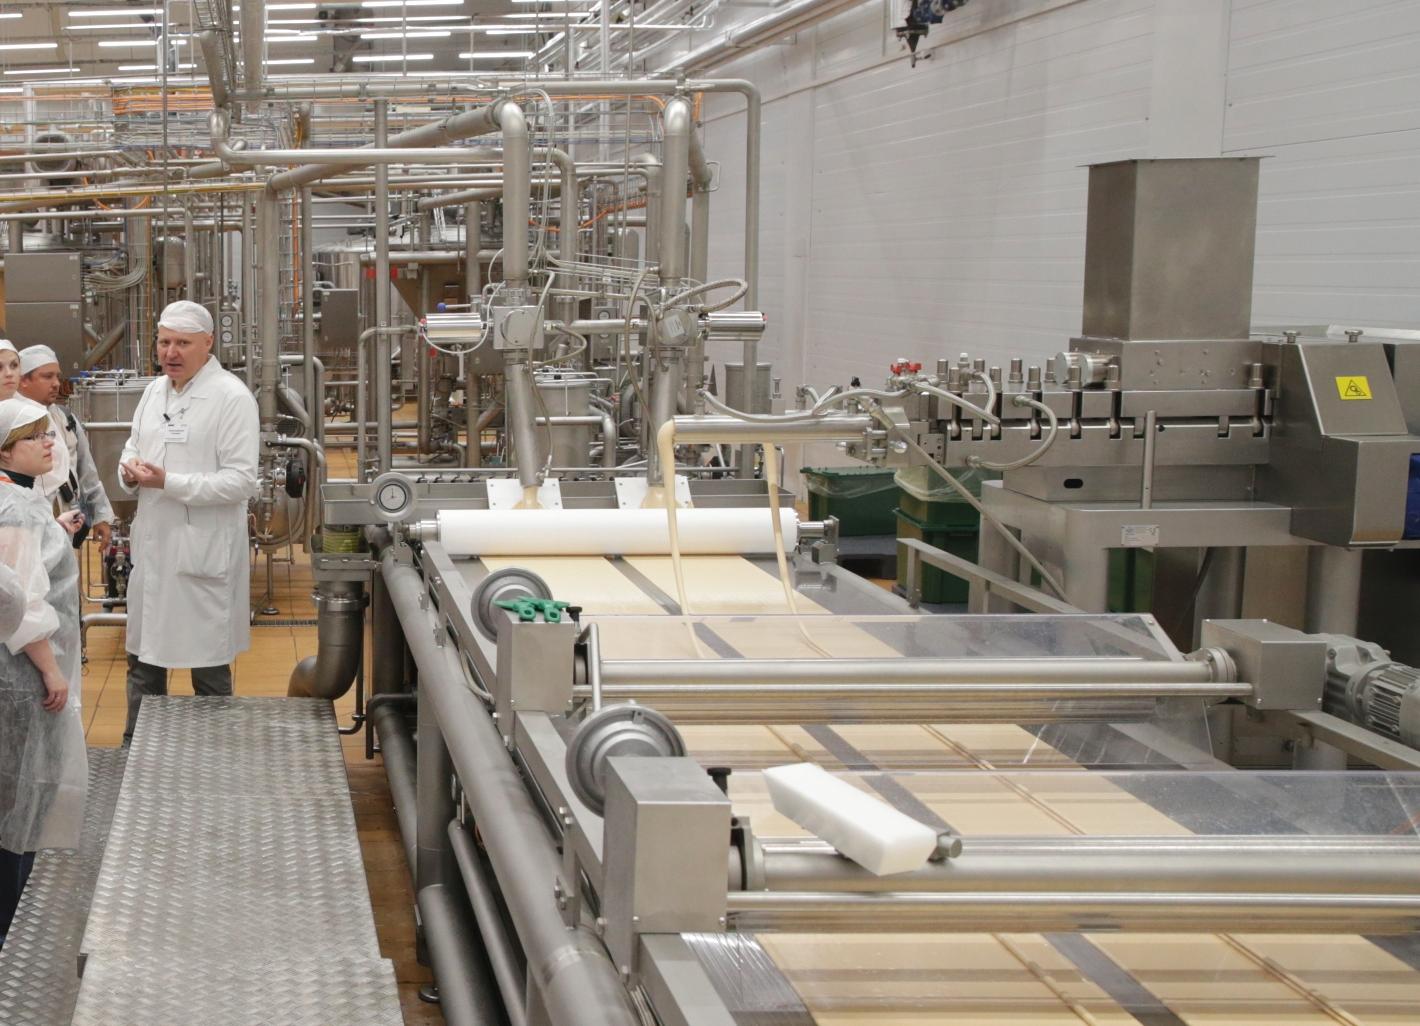 На кондитерской фабрике один конвейер выпускает 3 цепные ленточные транспортеры